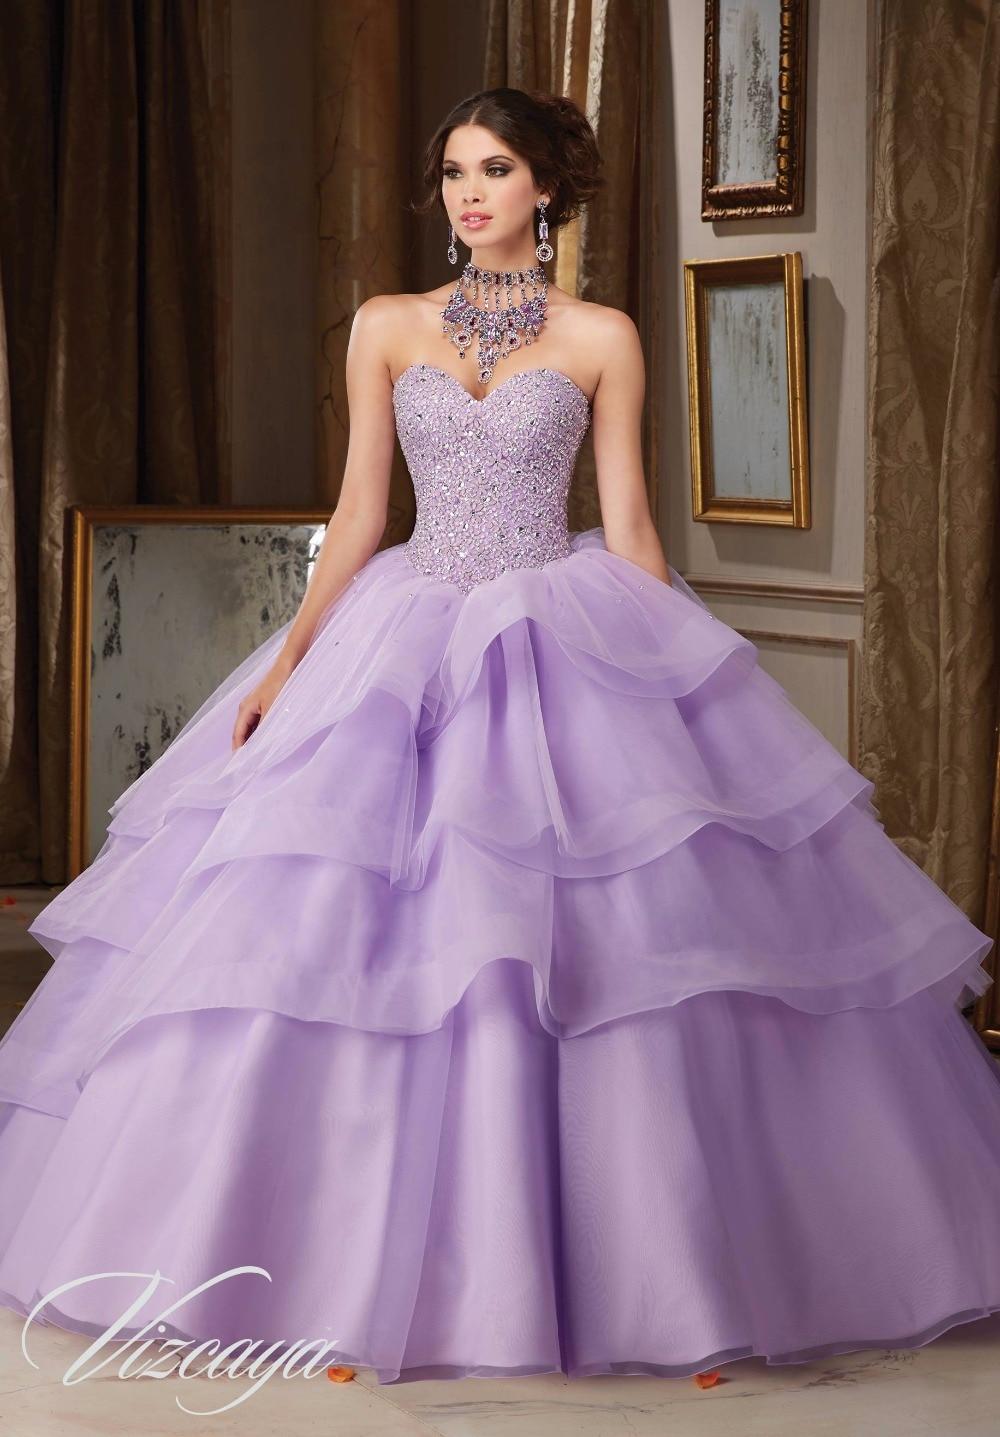 Vestidos Del Quinceanera Rosa - Compra lotes baratos de